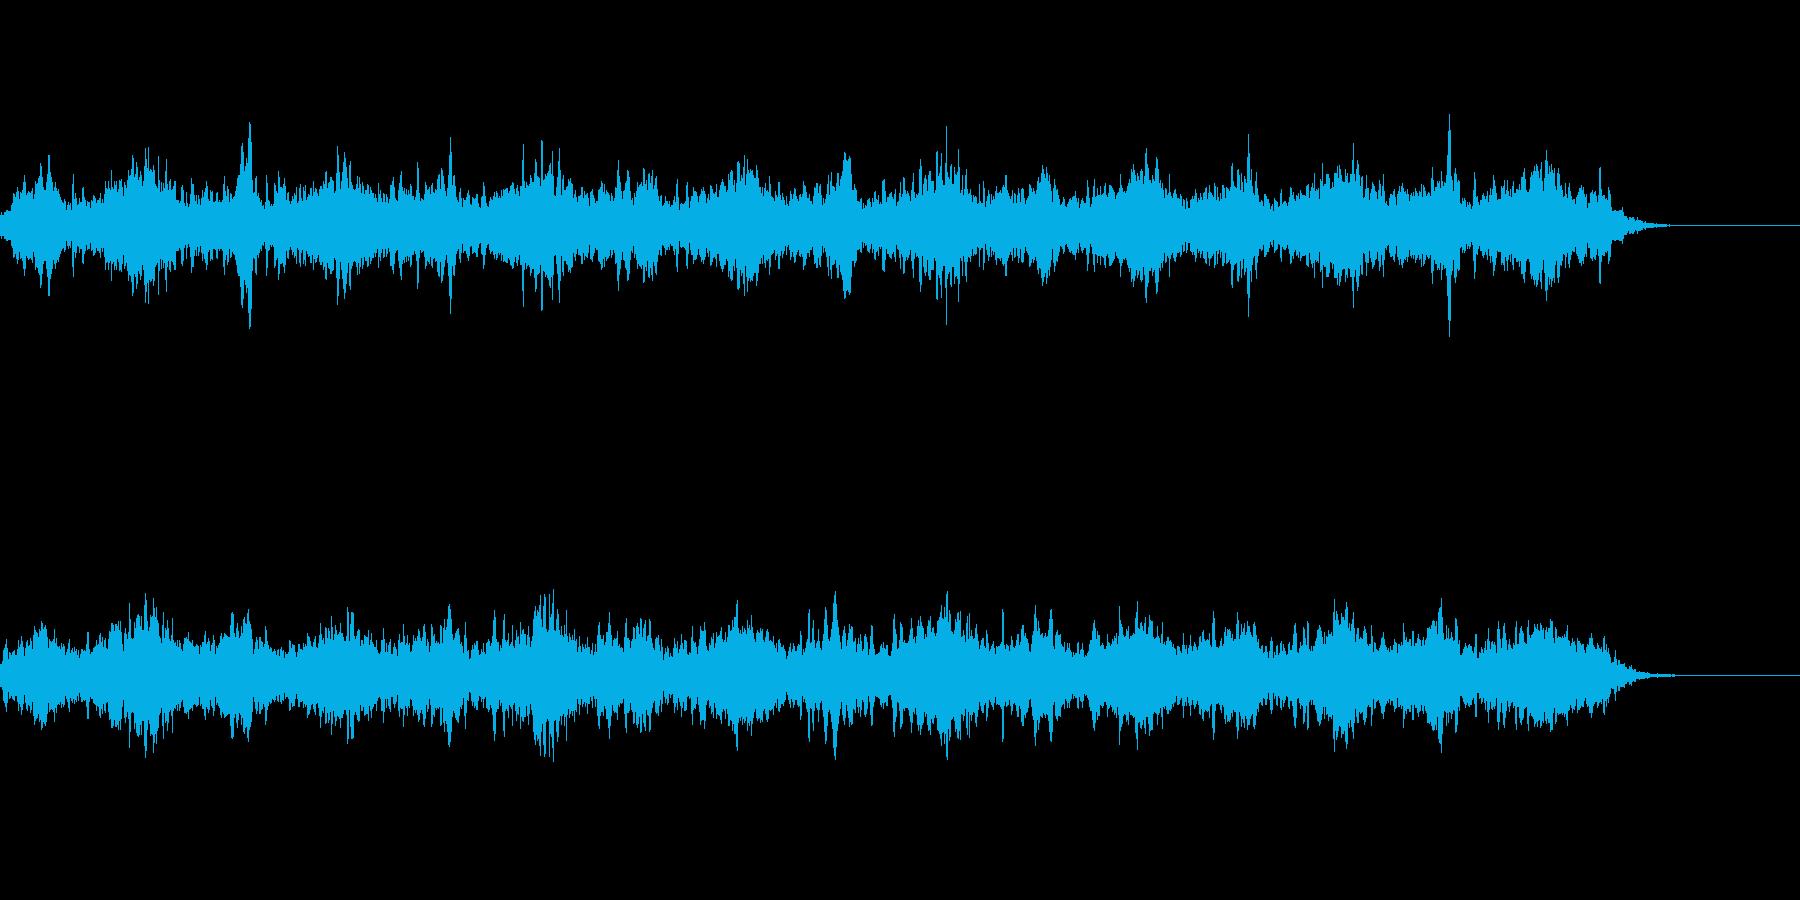 静かな雰囲気のアンビエントの再生済みの波形